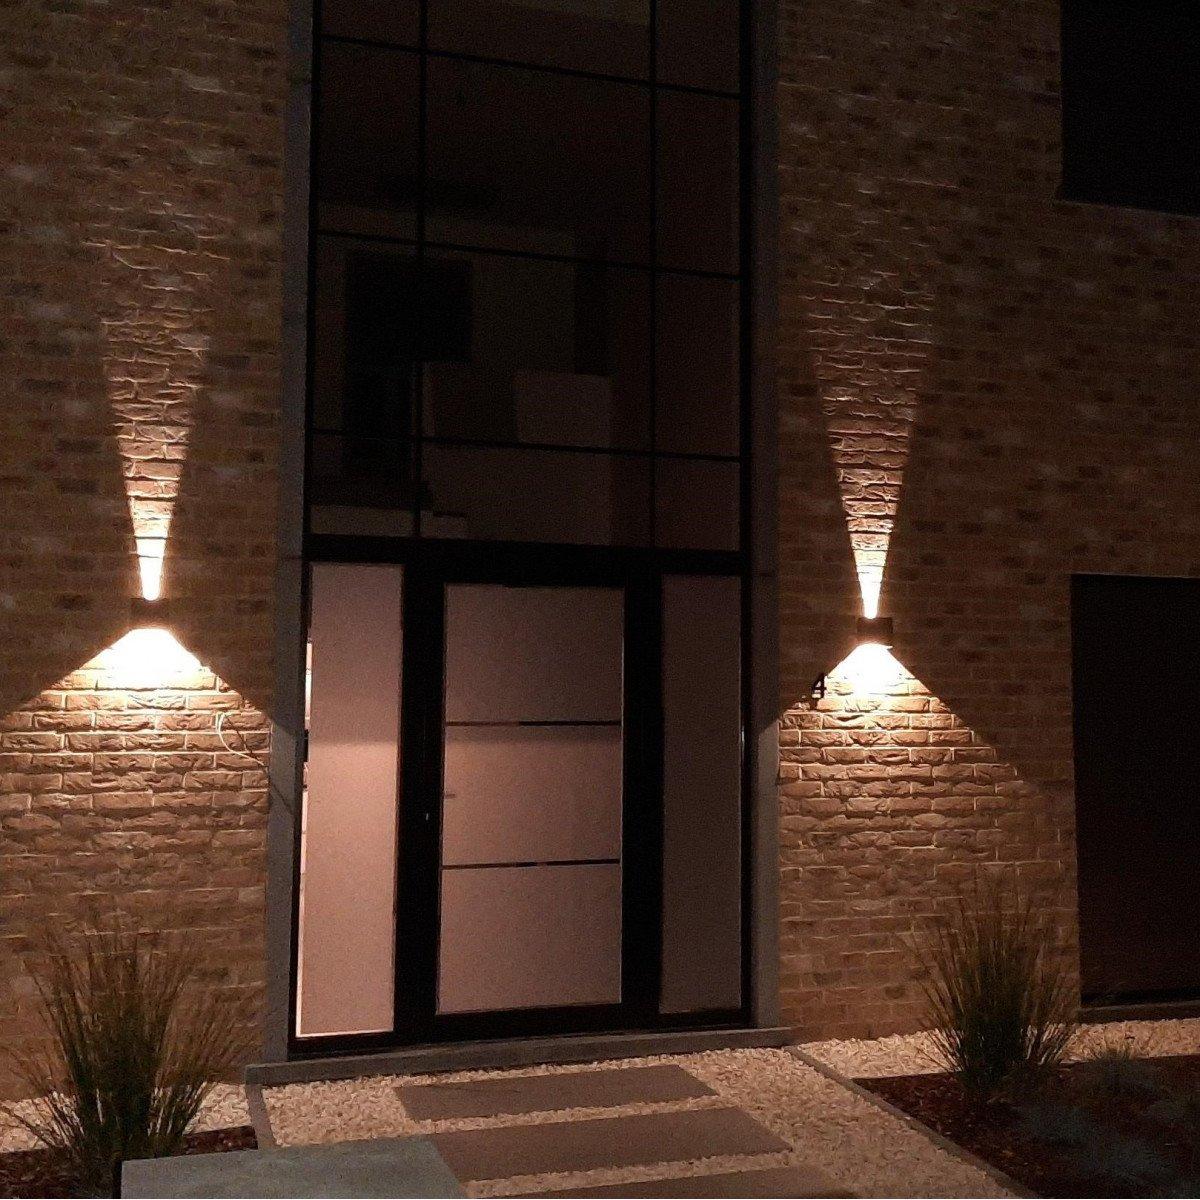 Up Down wandspot met geïntegreerd led, rechthoekige aluminium buitenwandlamp met een zwarte finish, lichtbundels zijn verstelbaar d.m.v. shutters